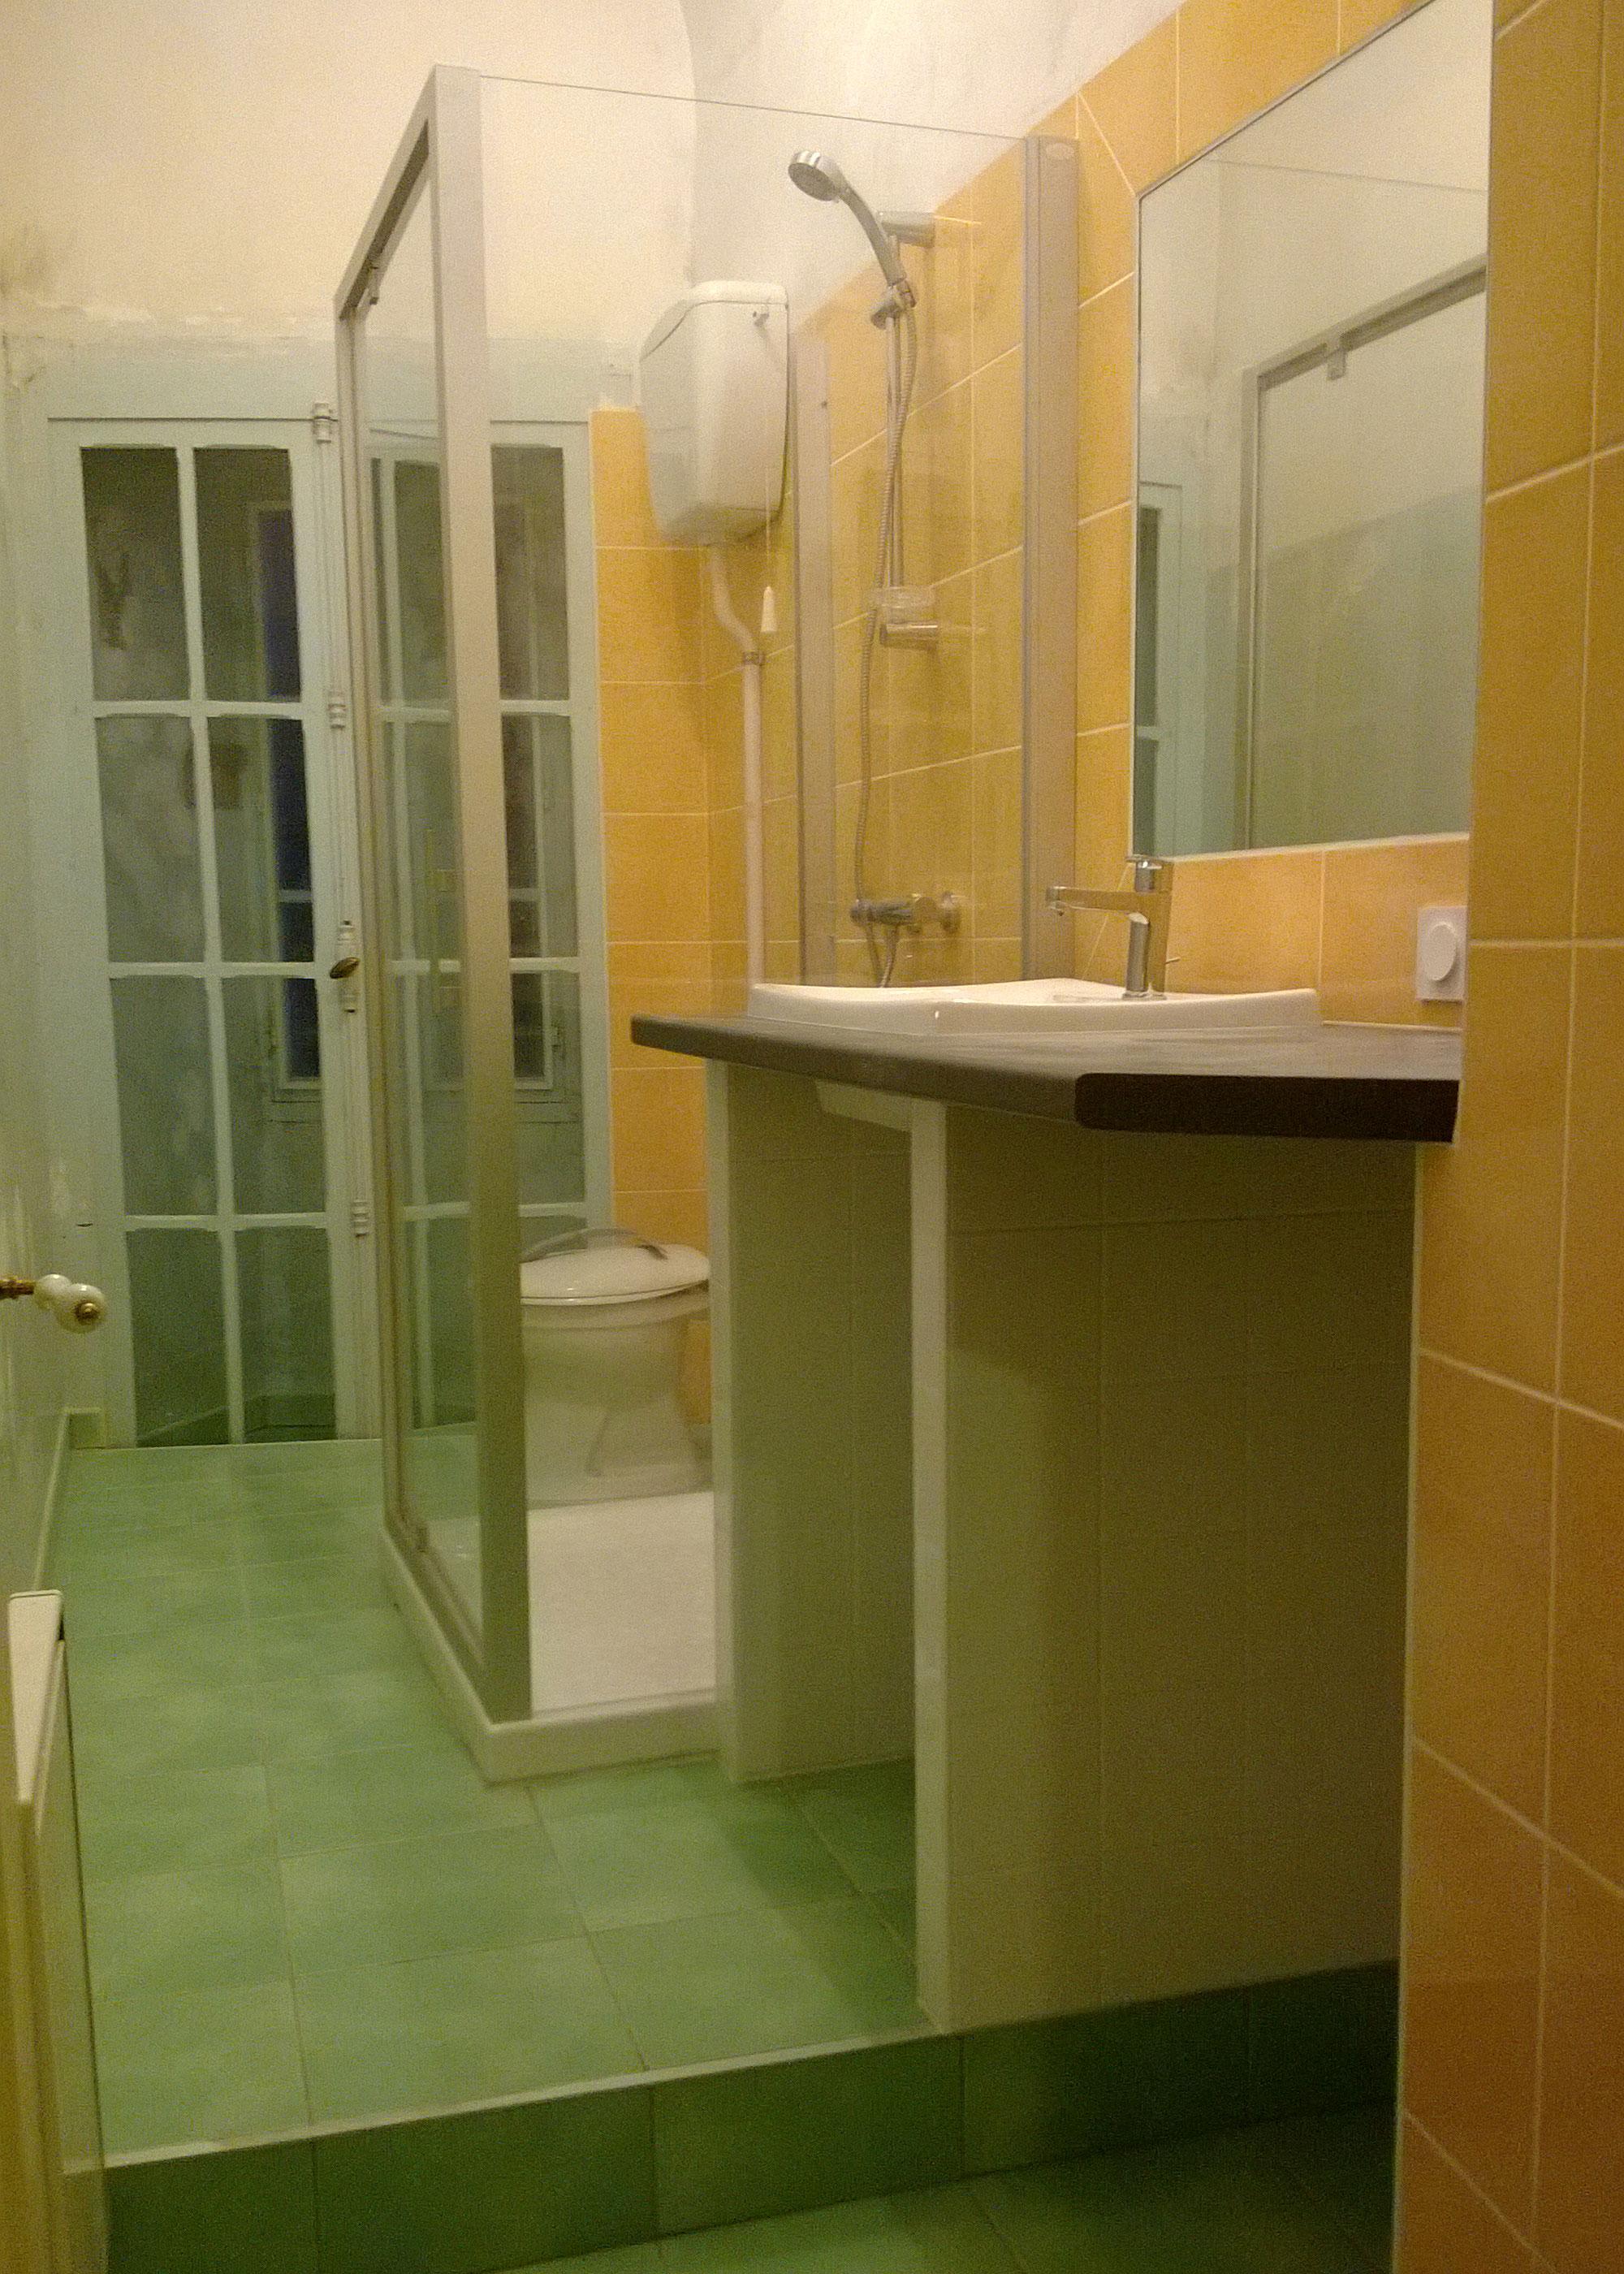 Salle De Bain Renovation Avant Apres ~ salles de bains et douches l italienne l atelier du carrelage